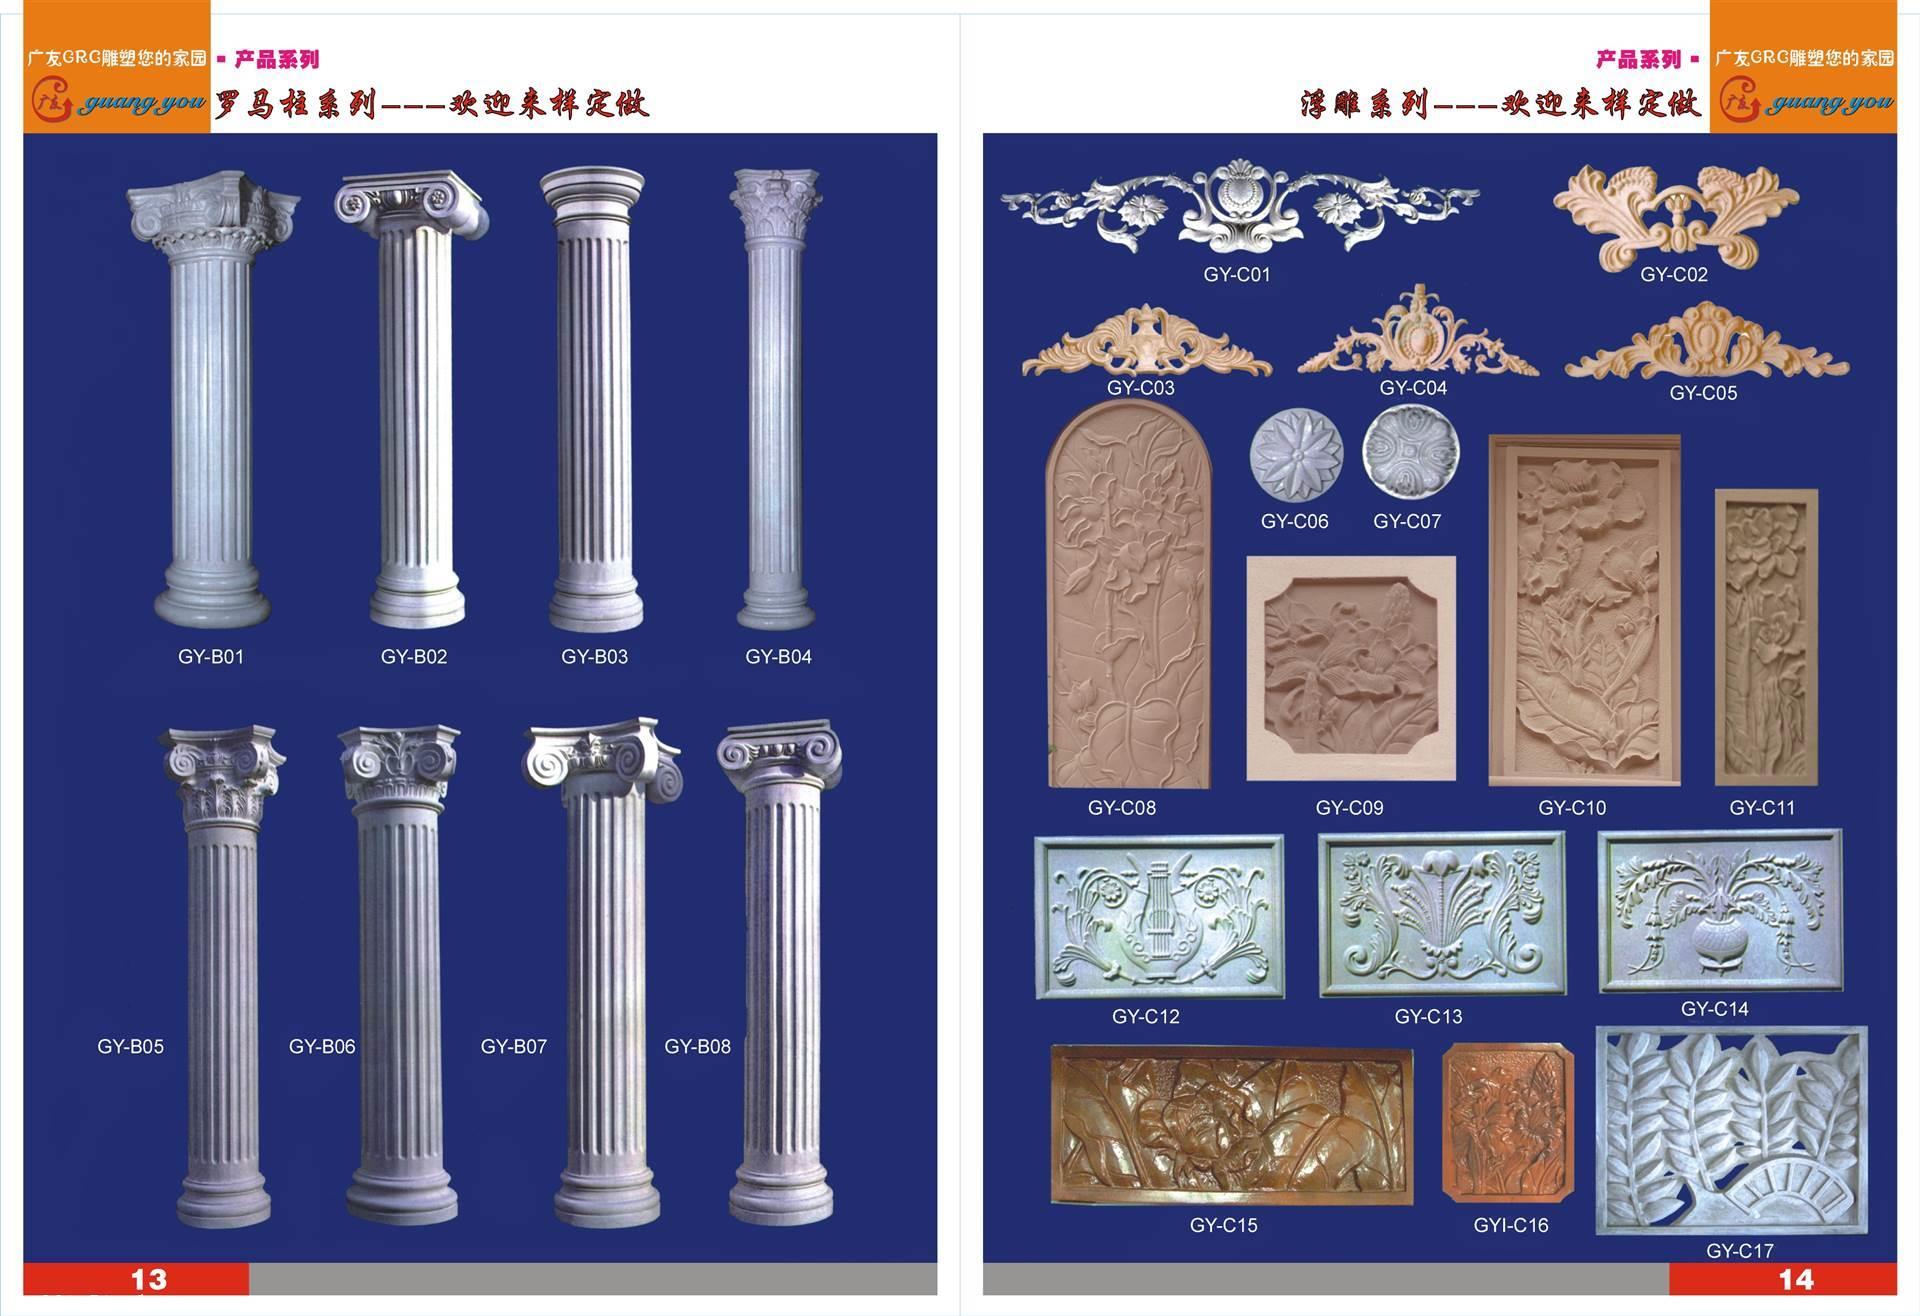 GRC罗马柱建筑装饰承接-广友品牌